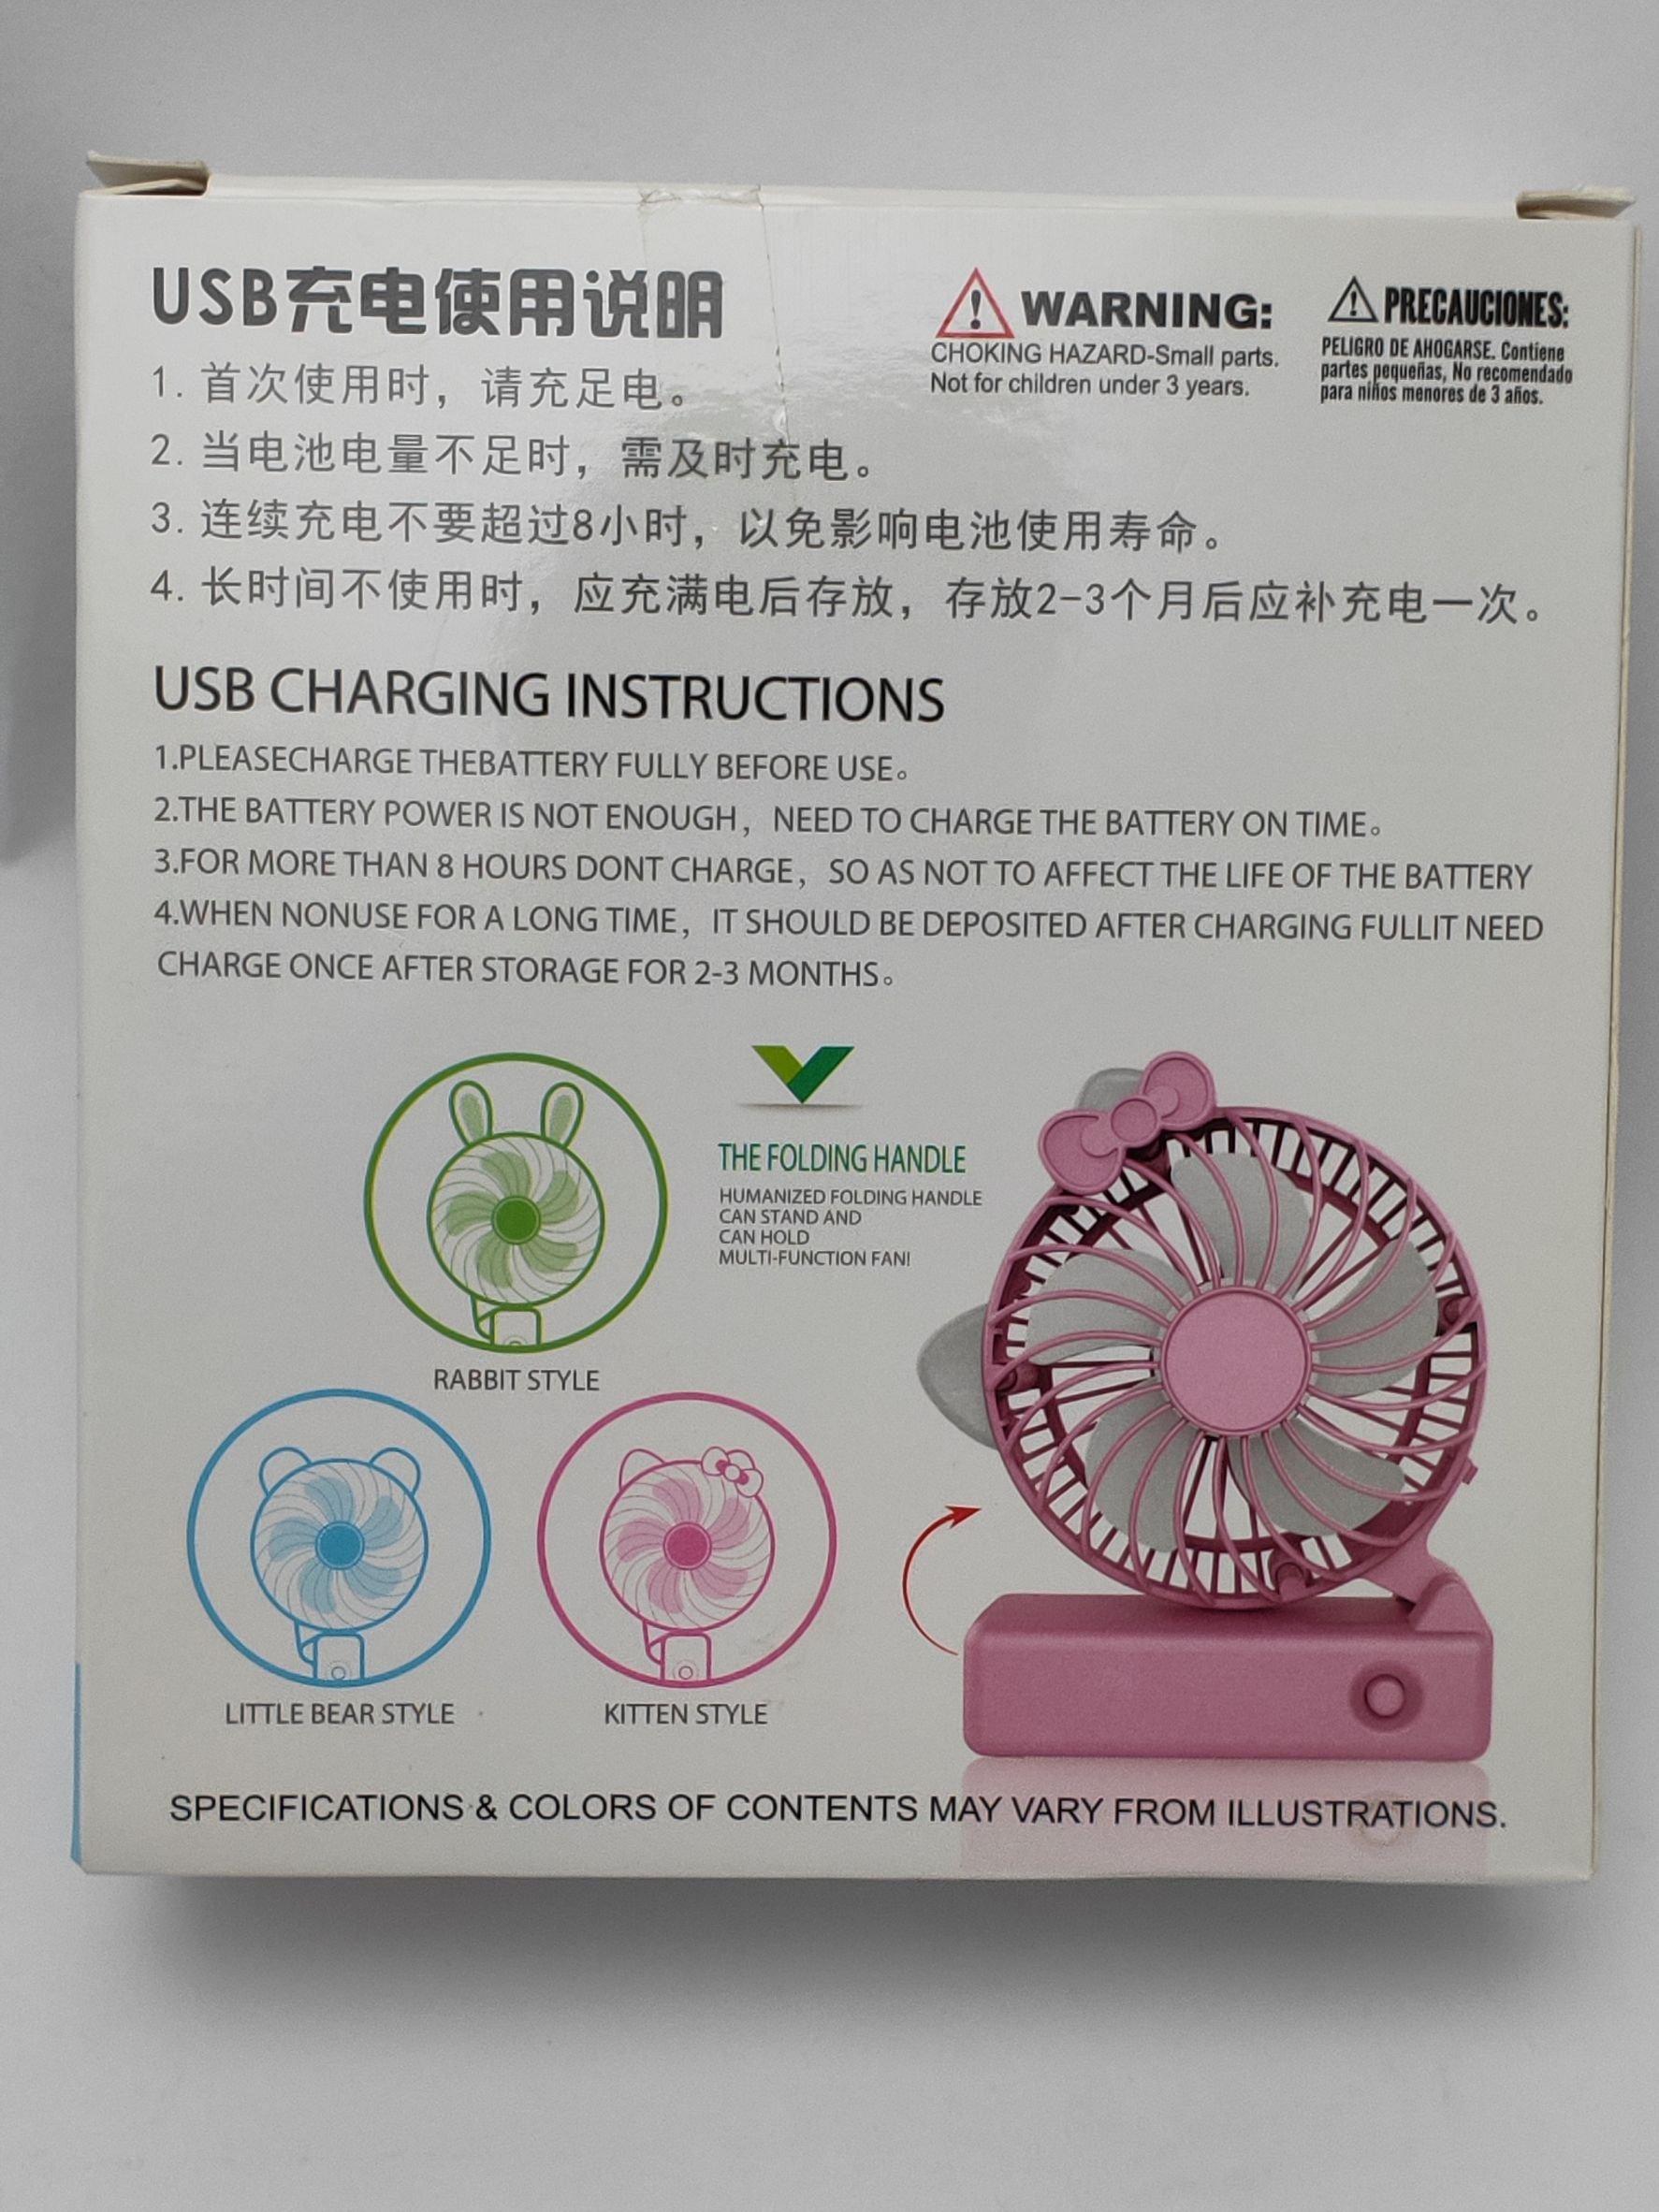 [李老大] 903482 卡通迷你USB充電小風扇 折疊 便捷 大風力 小身材學生手持風扇 宿舍風扇 辦公室風扇